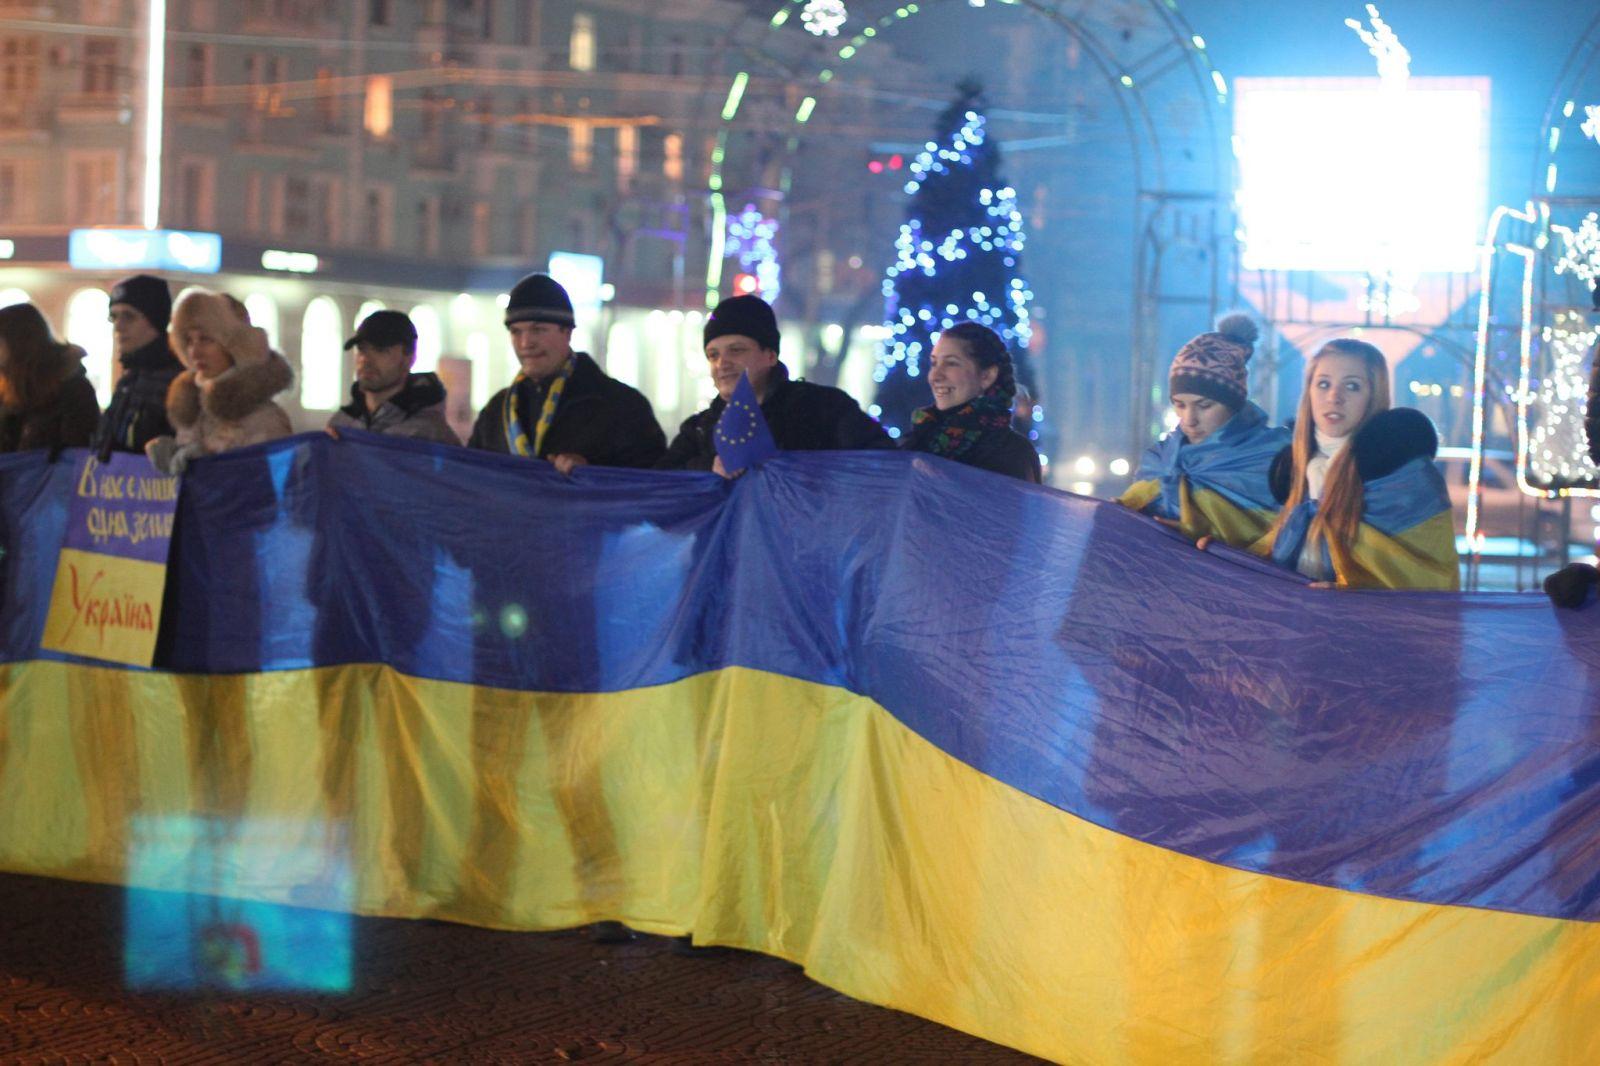 Флаг Украины. Истории спасения